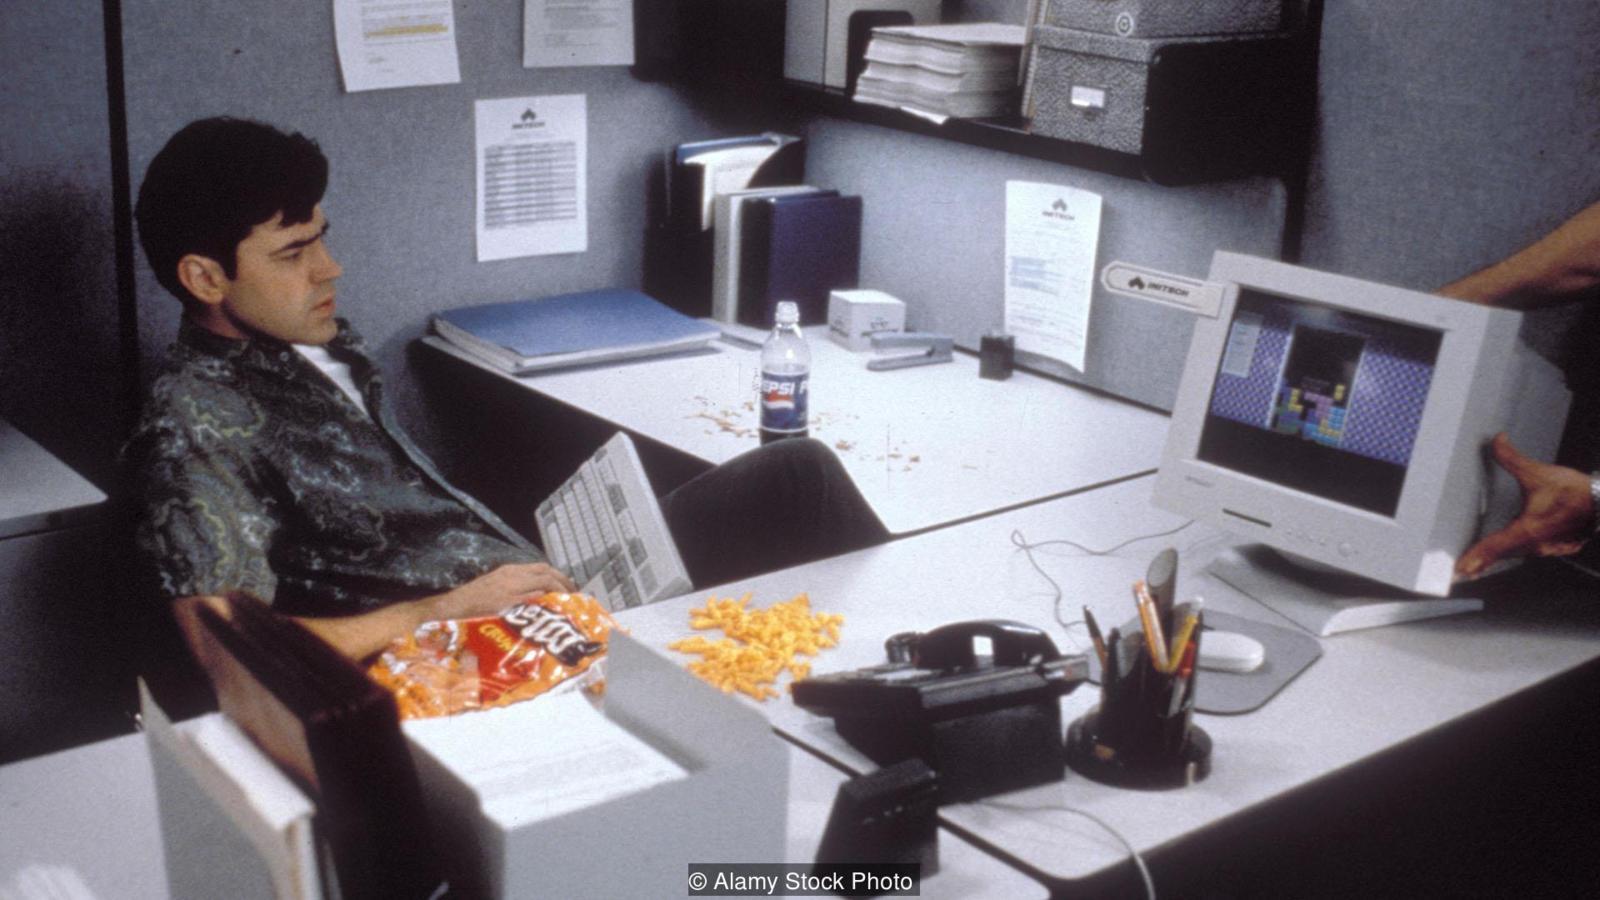 Фильму «Офисное пространство» 20 лет: как он изменил наши рабочие места - 3